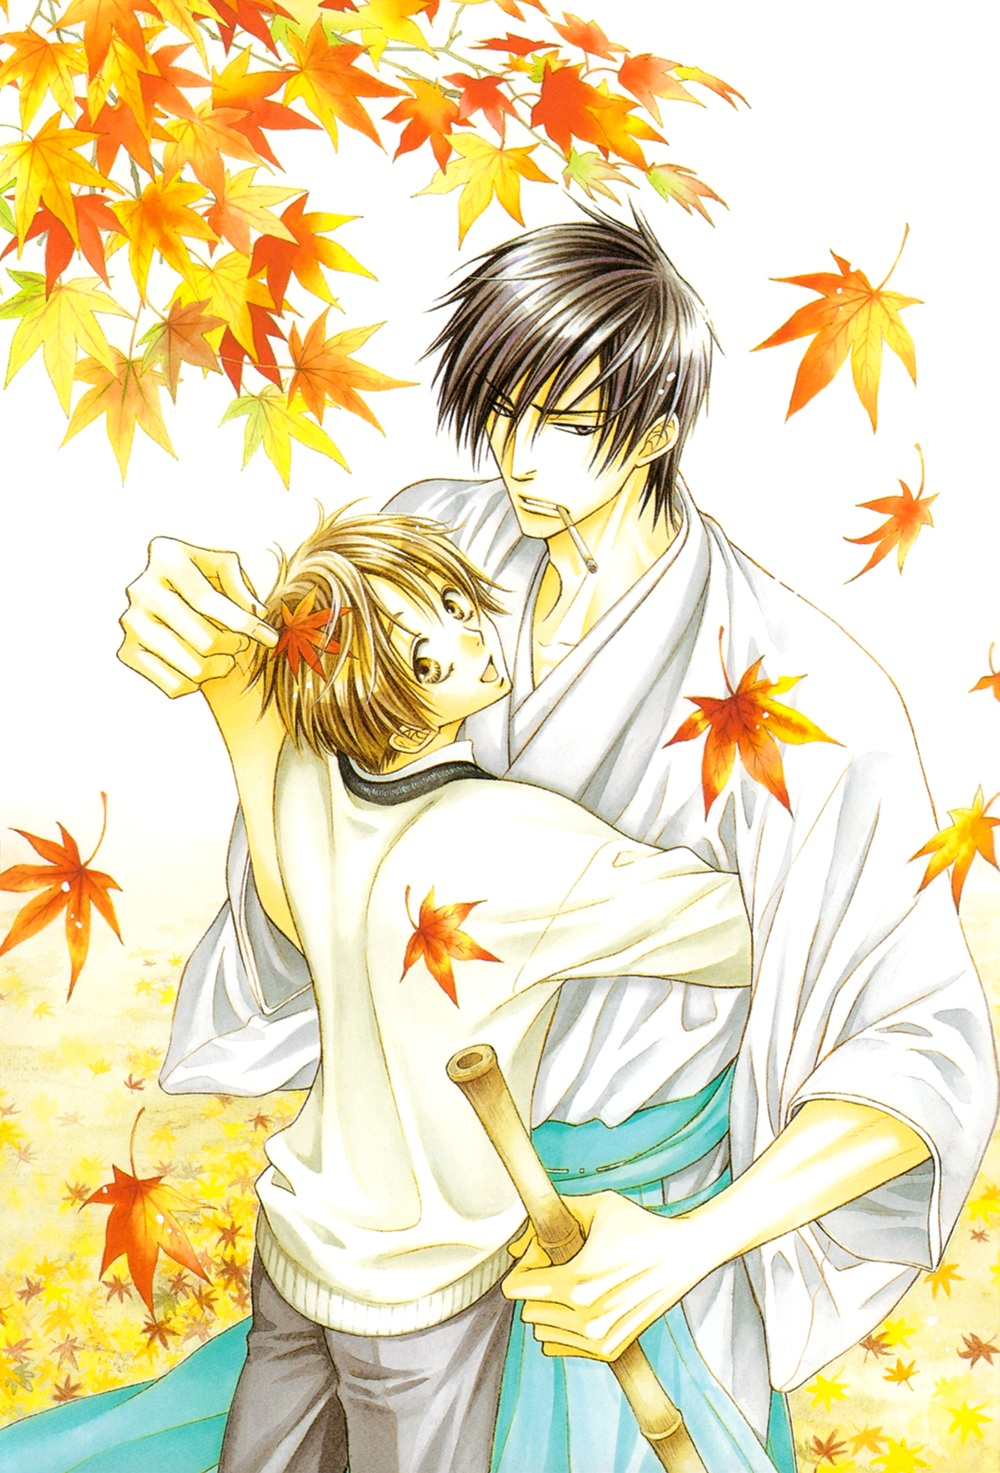 HD Quality Wallpaper   Collection: Anime, 1000x1473 Yume Musubi Koi Musubi